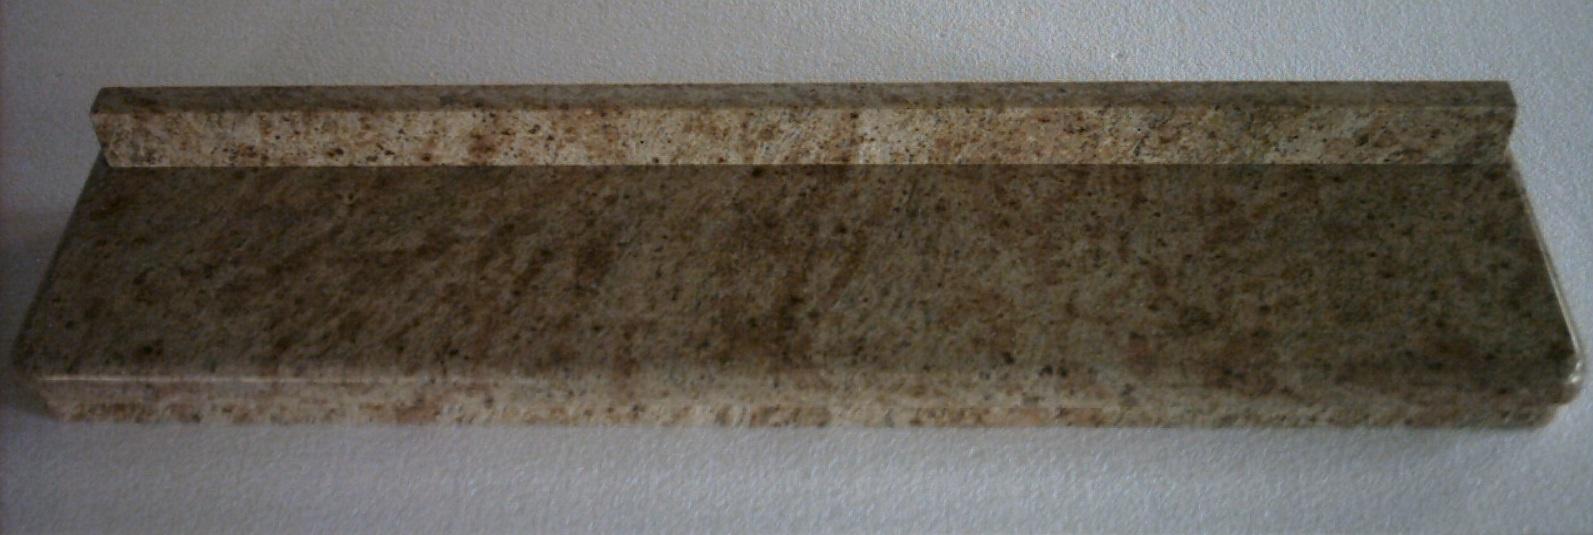 cubreradiador granito - Cubreradiadores